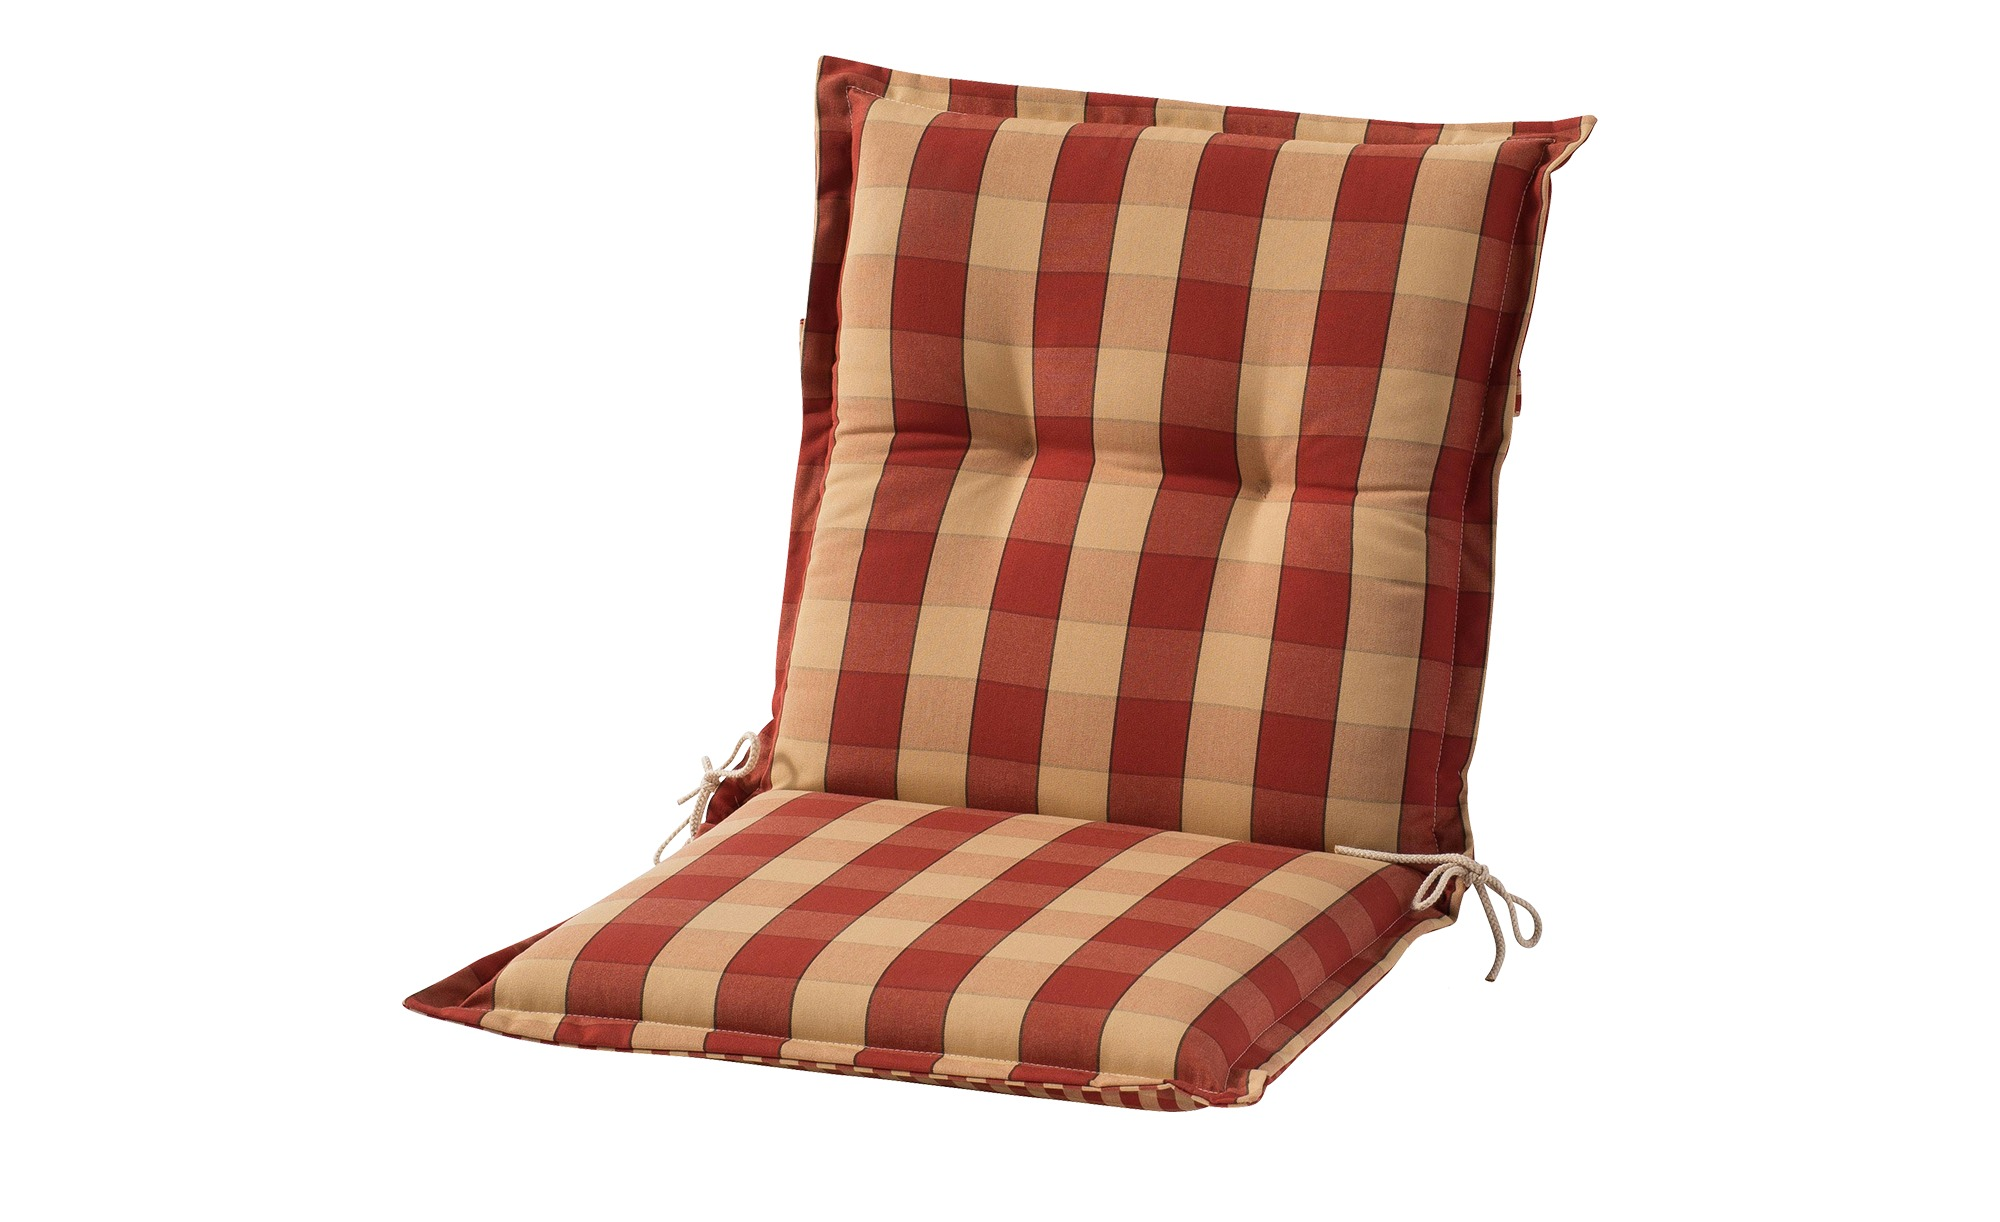 Sesselauflage nieder  Kent rot ¦ rot ¦ Maße (cm): B: 50 H: 9 Garten > Auflagen & Kissen > Niederlehner-Auflagen - Höffner